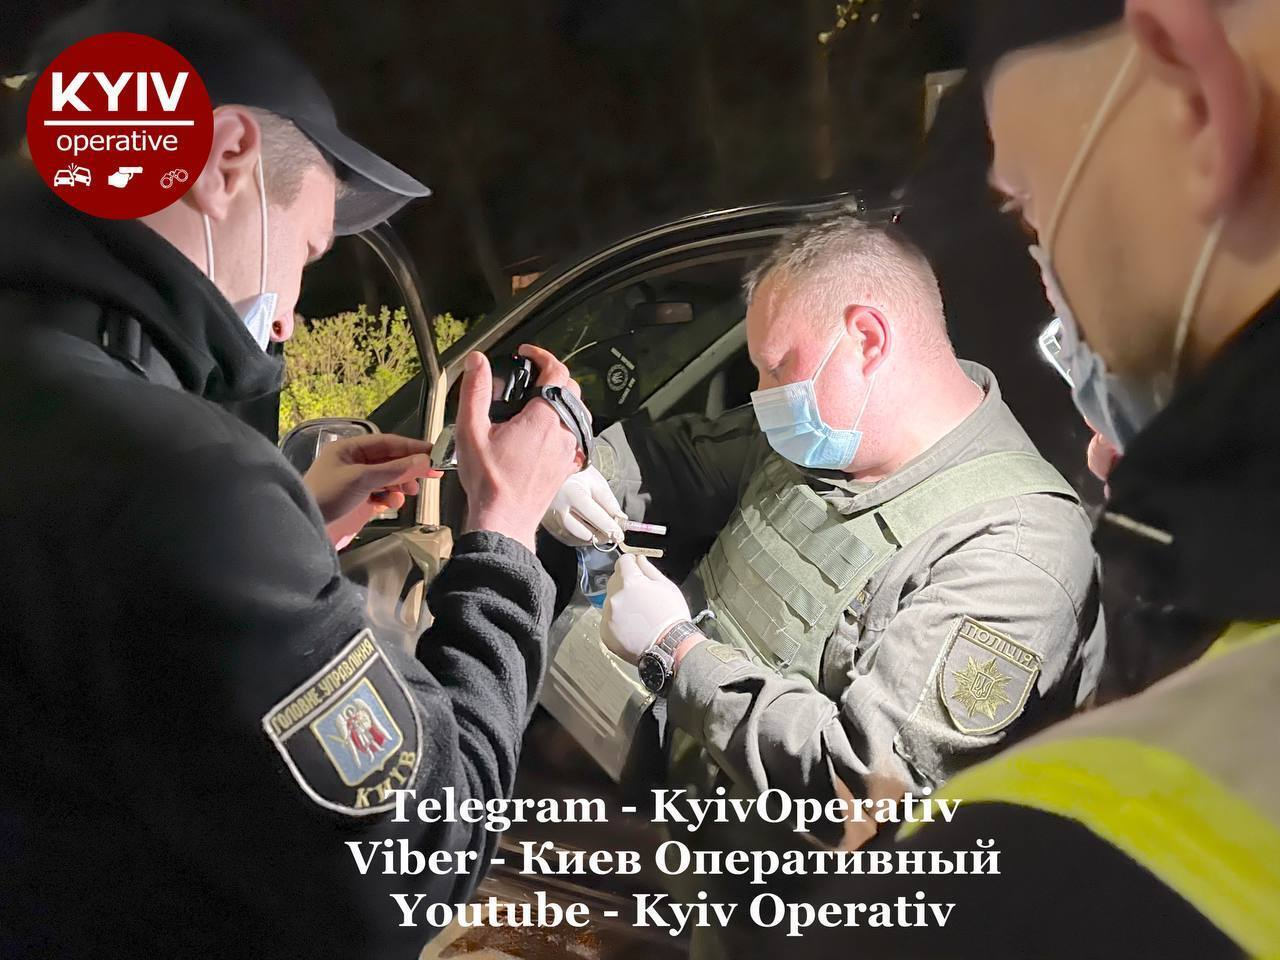 У Києві затримали нетверезого водія без прав із гранатою в авто. Фото